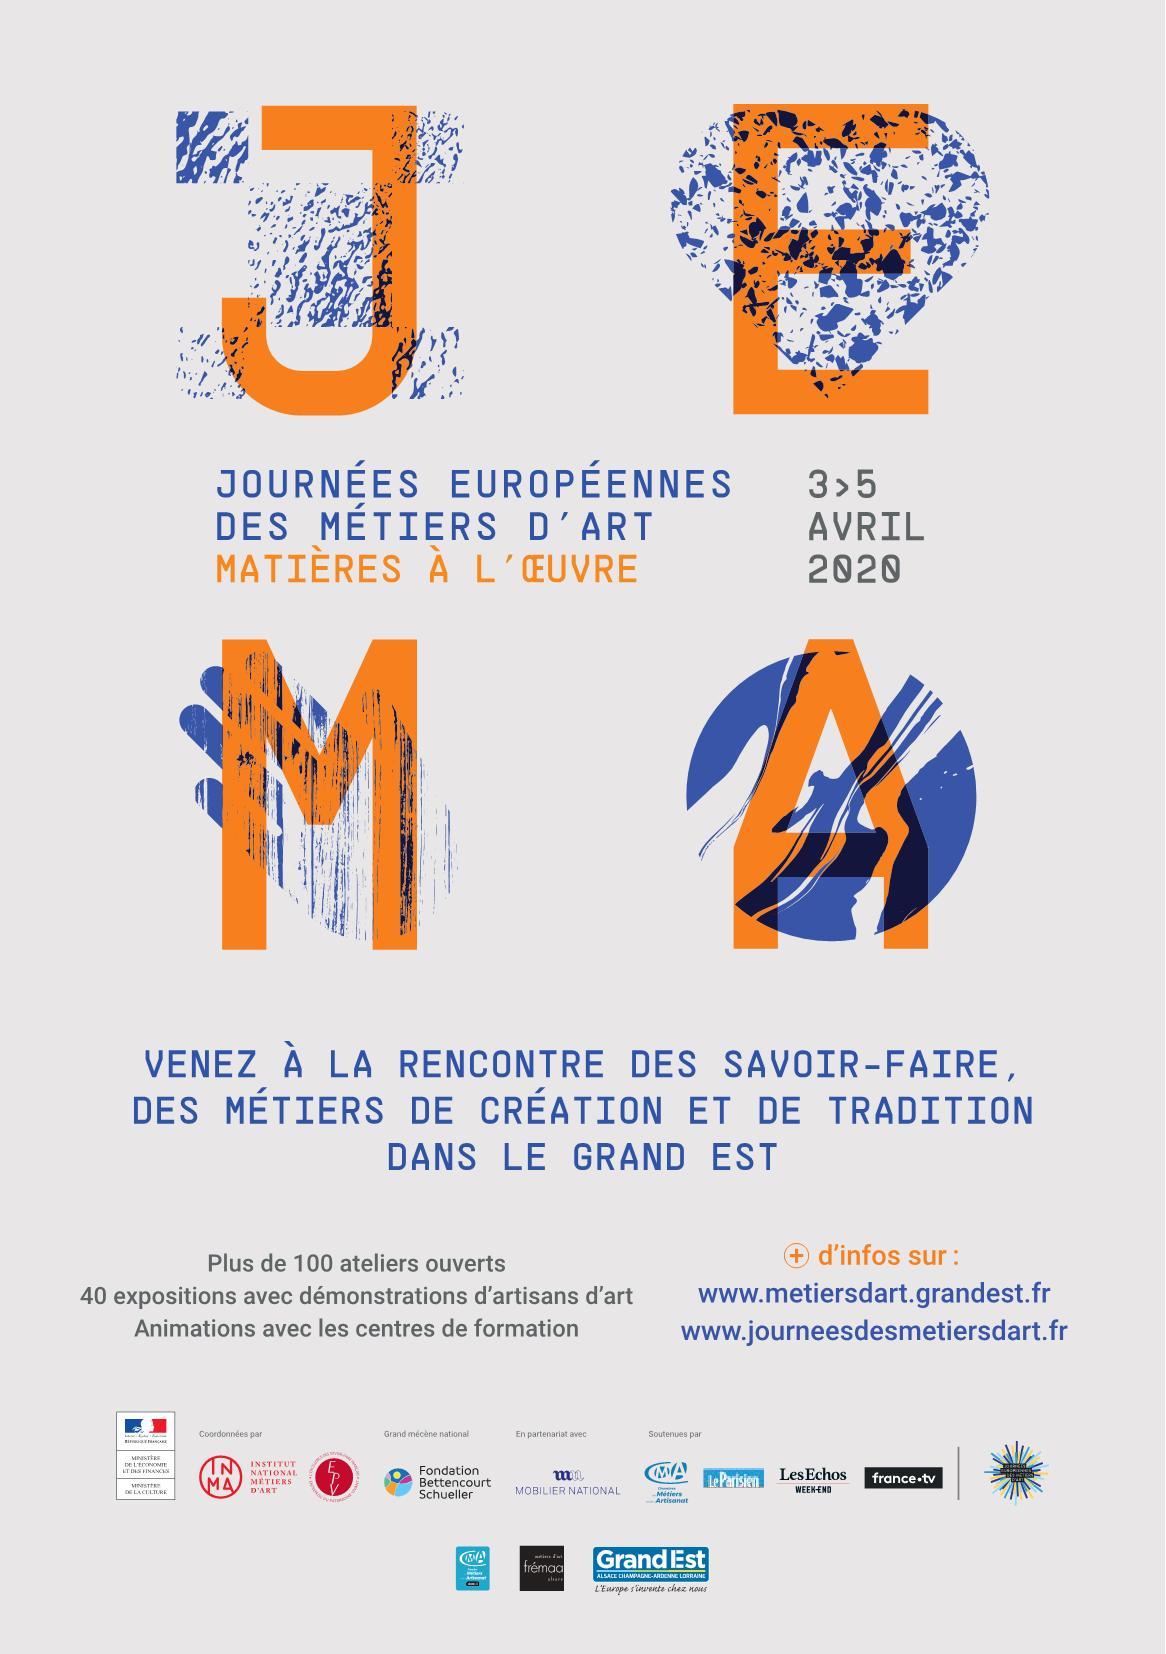 Journées Européennes des Métiers d'Art 2020 Région Grand Est